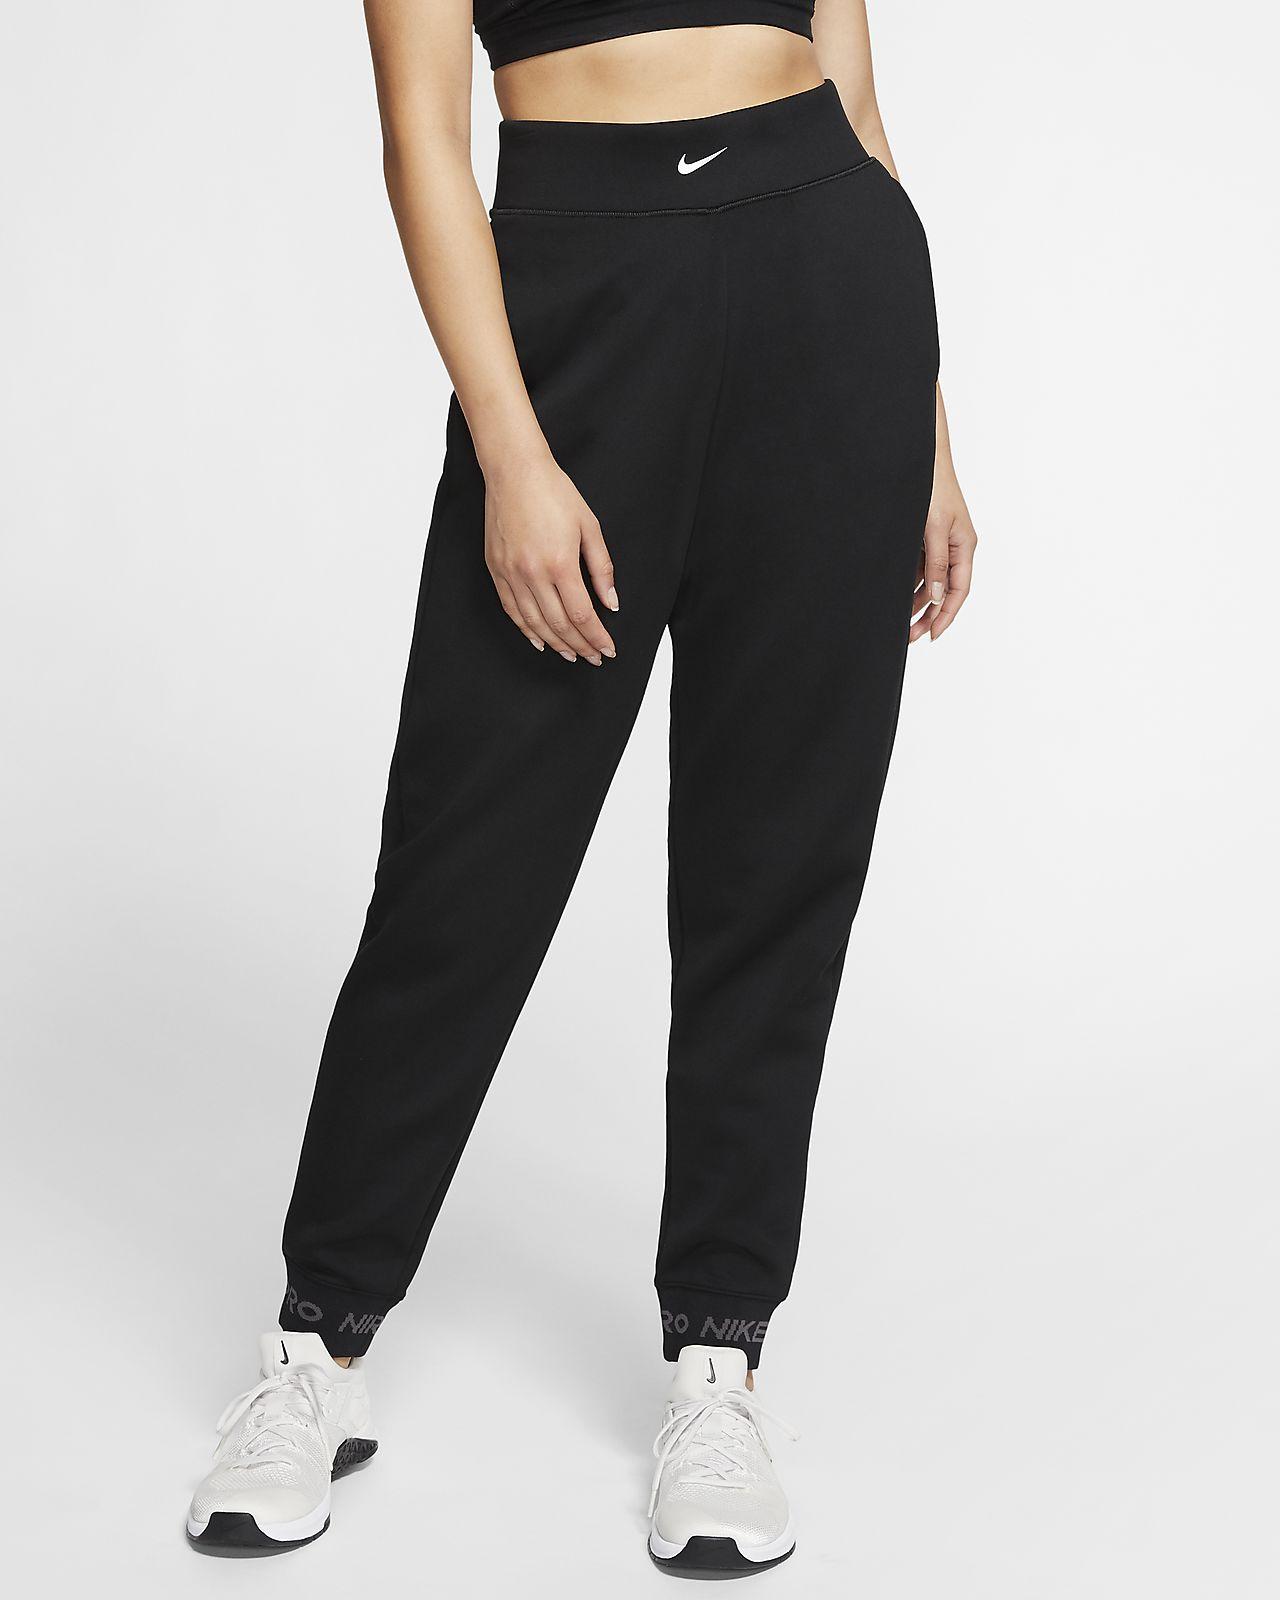 Pantalon en tissu Fleece Nike Pro pour Femme